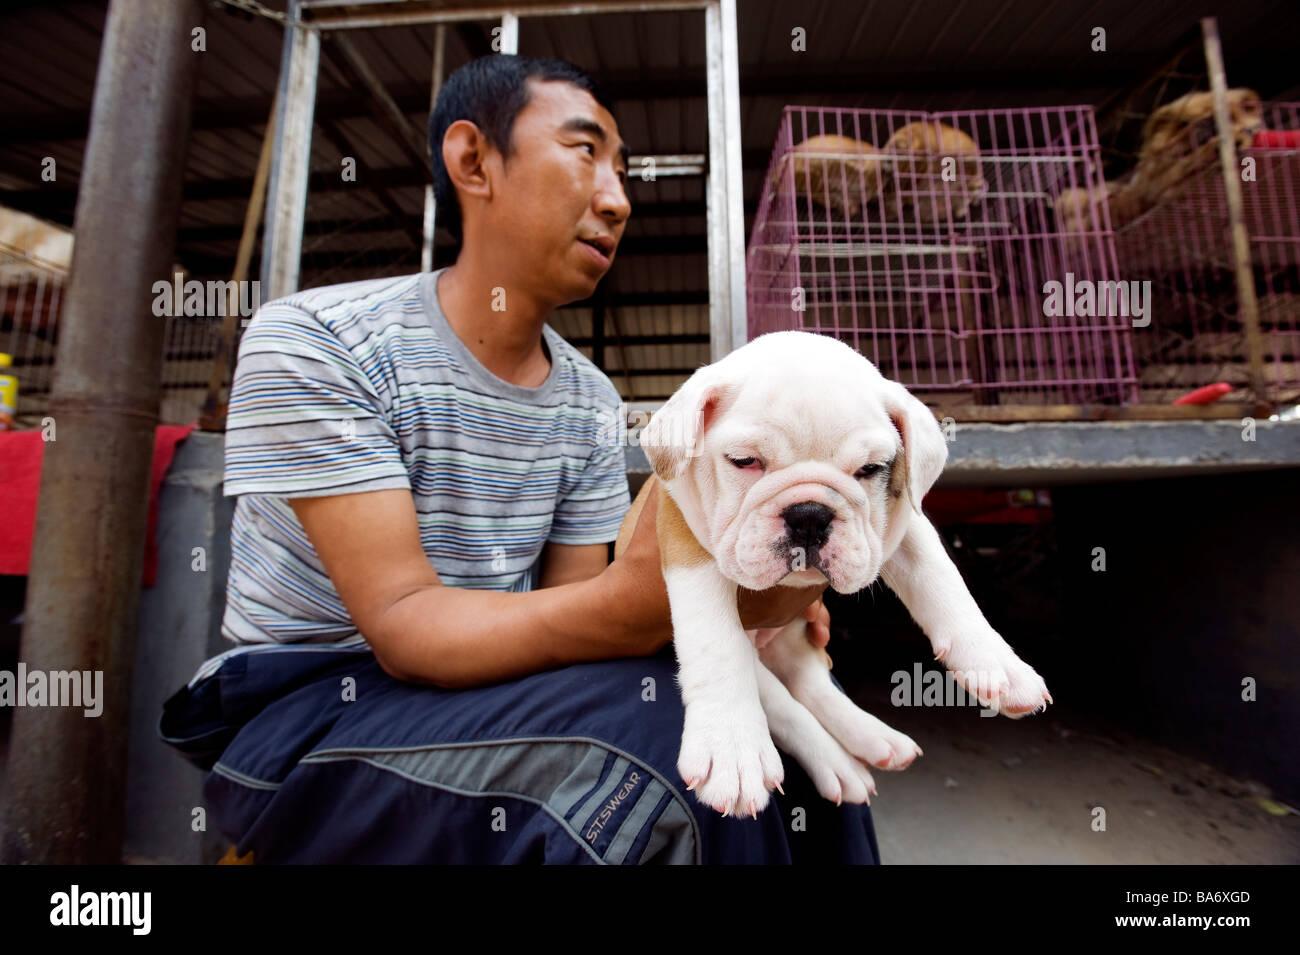 Cina, Pechino, Dong Feng Xin mercato del cane Immagini Stock